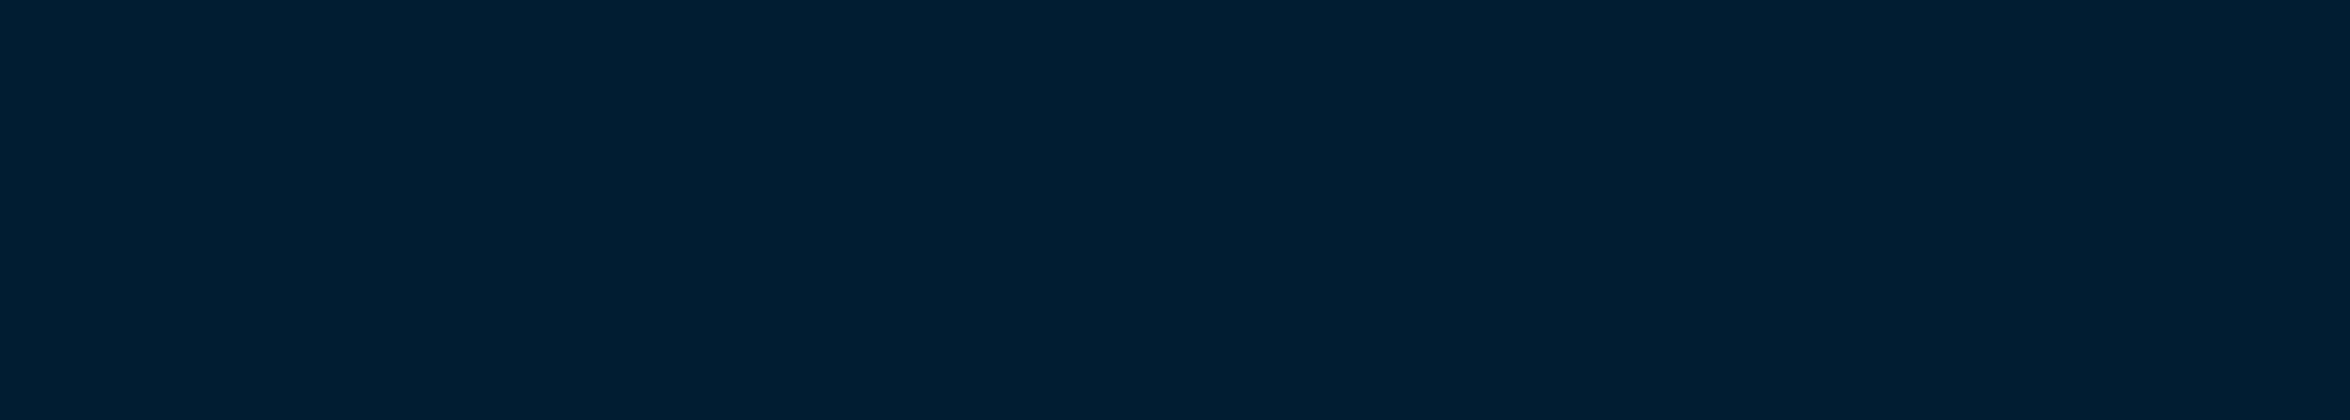 https://die-superwerker.de/wp-content/uploads/2019/05/blue_gradient.png